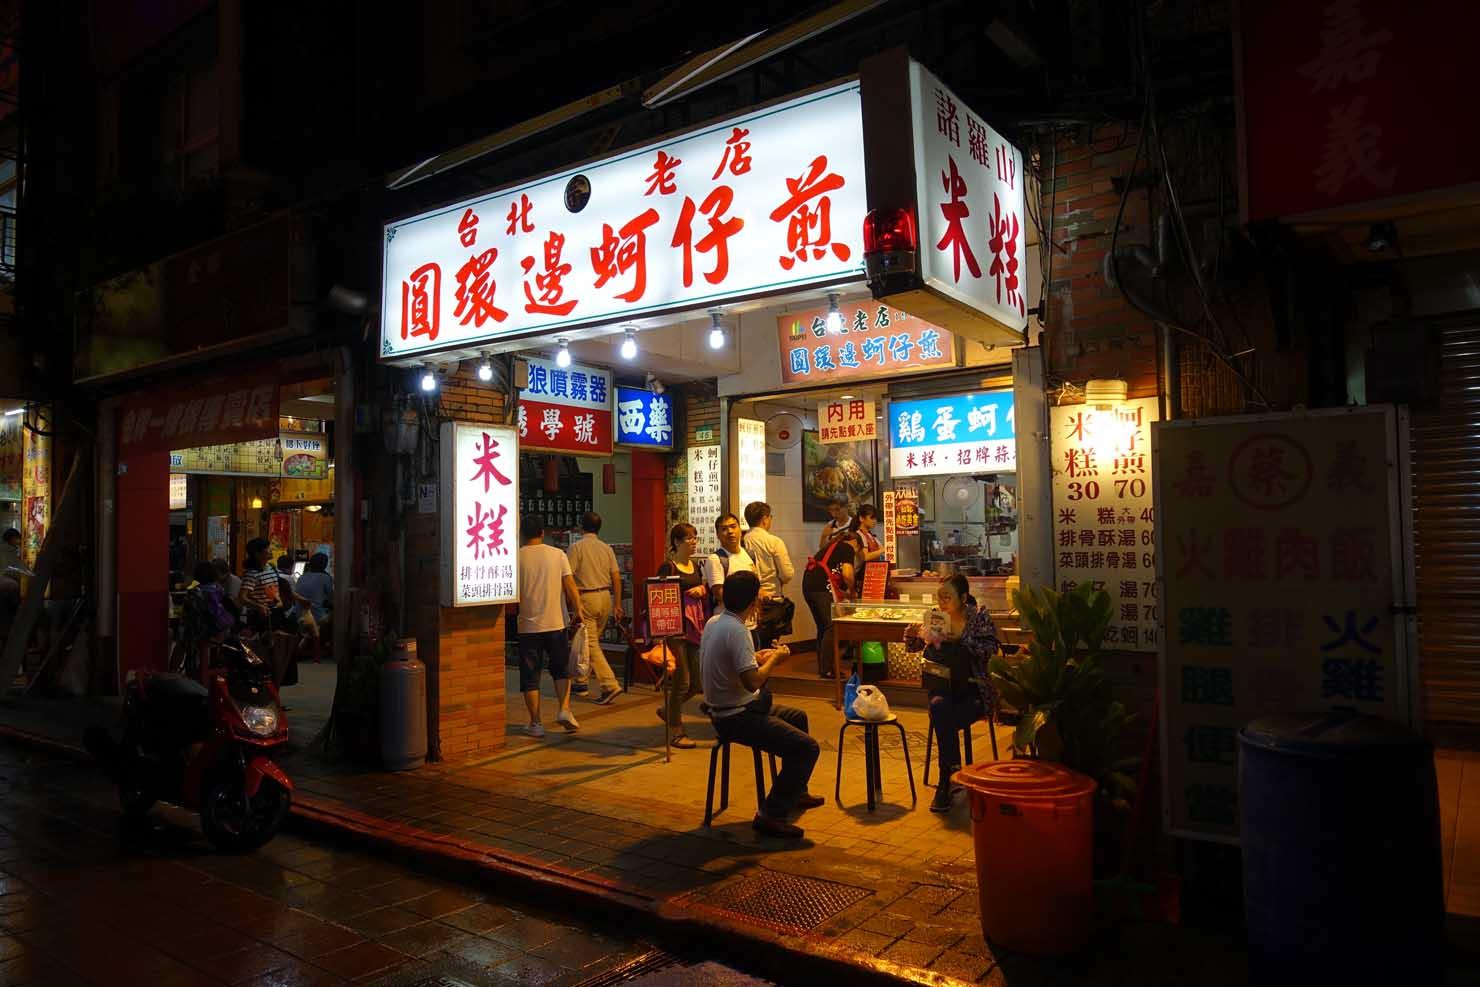 台北・寧夏夜市のおすすめグルメ店「圓環邊蚵仔煎」の外観